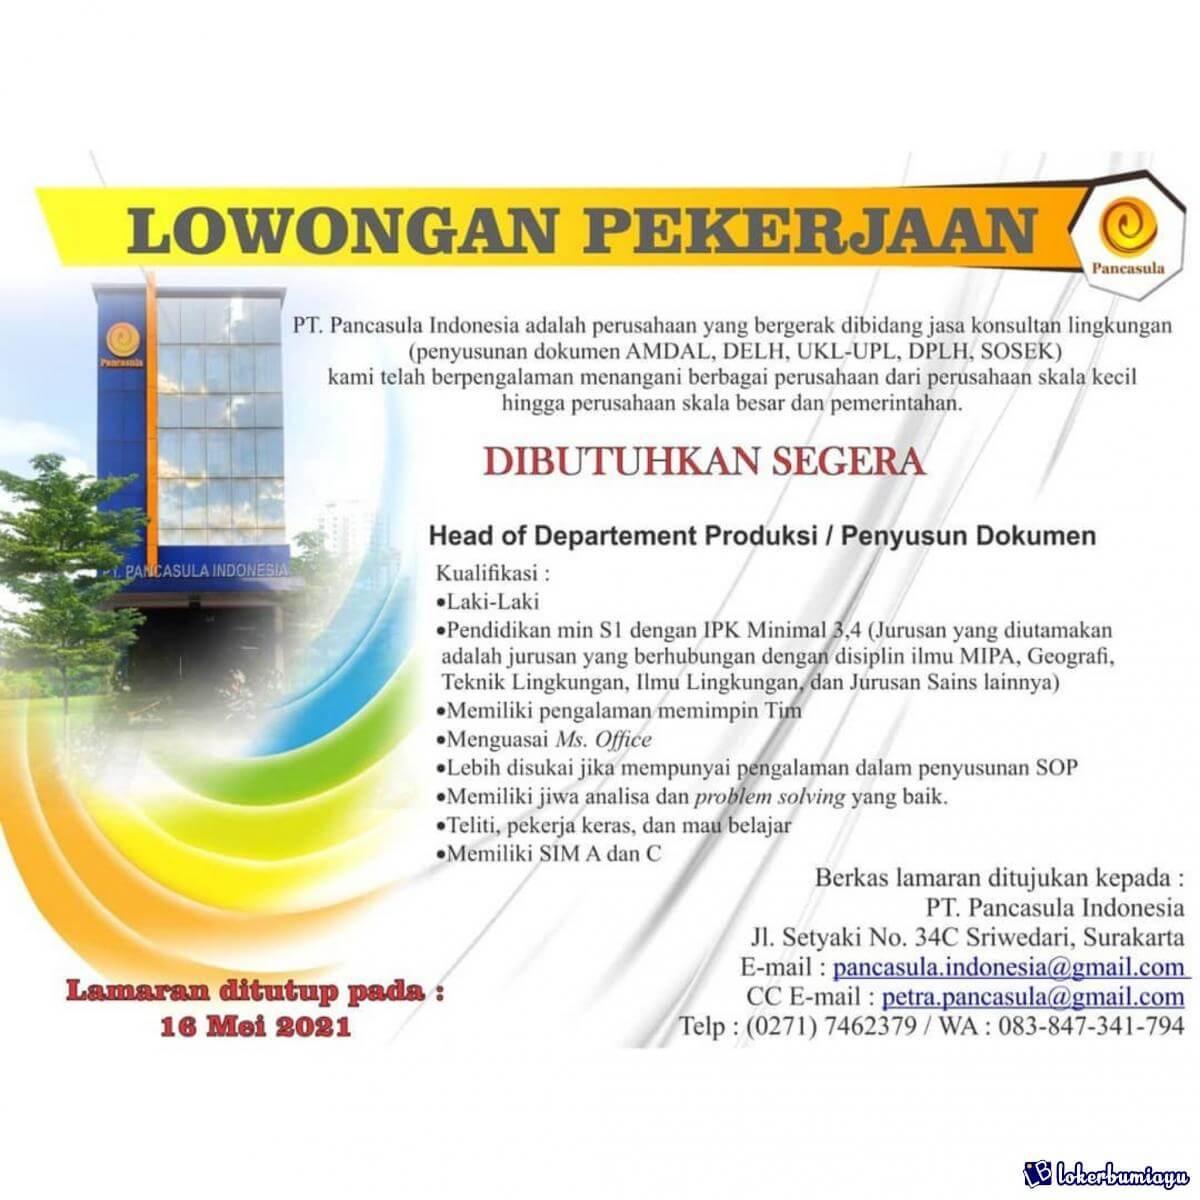 PT Pancasula Indonesia